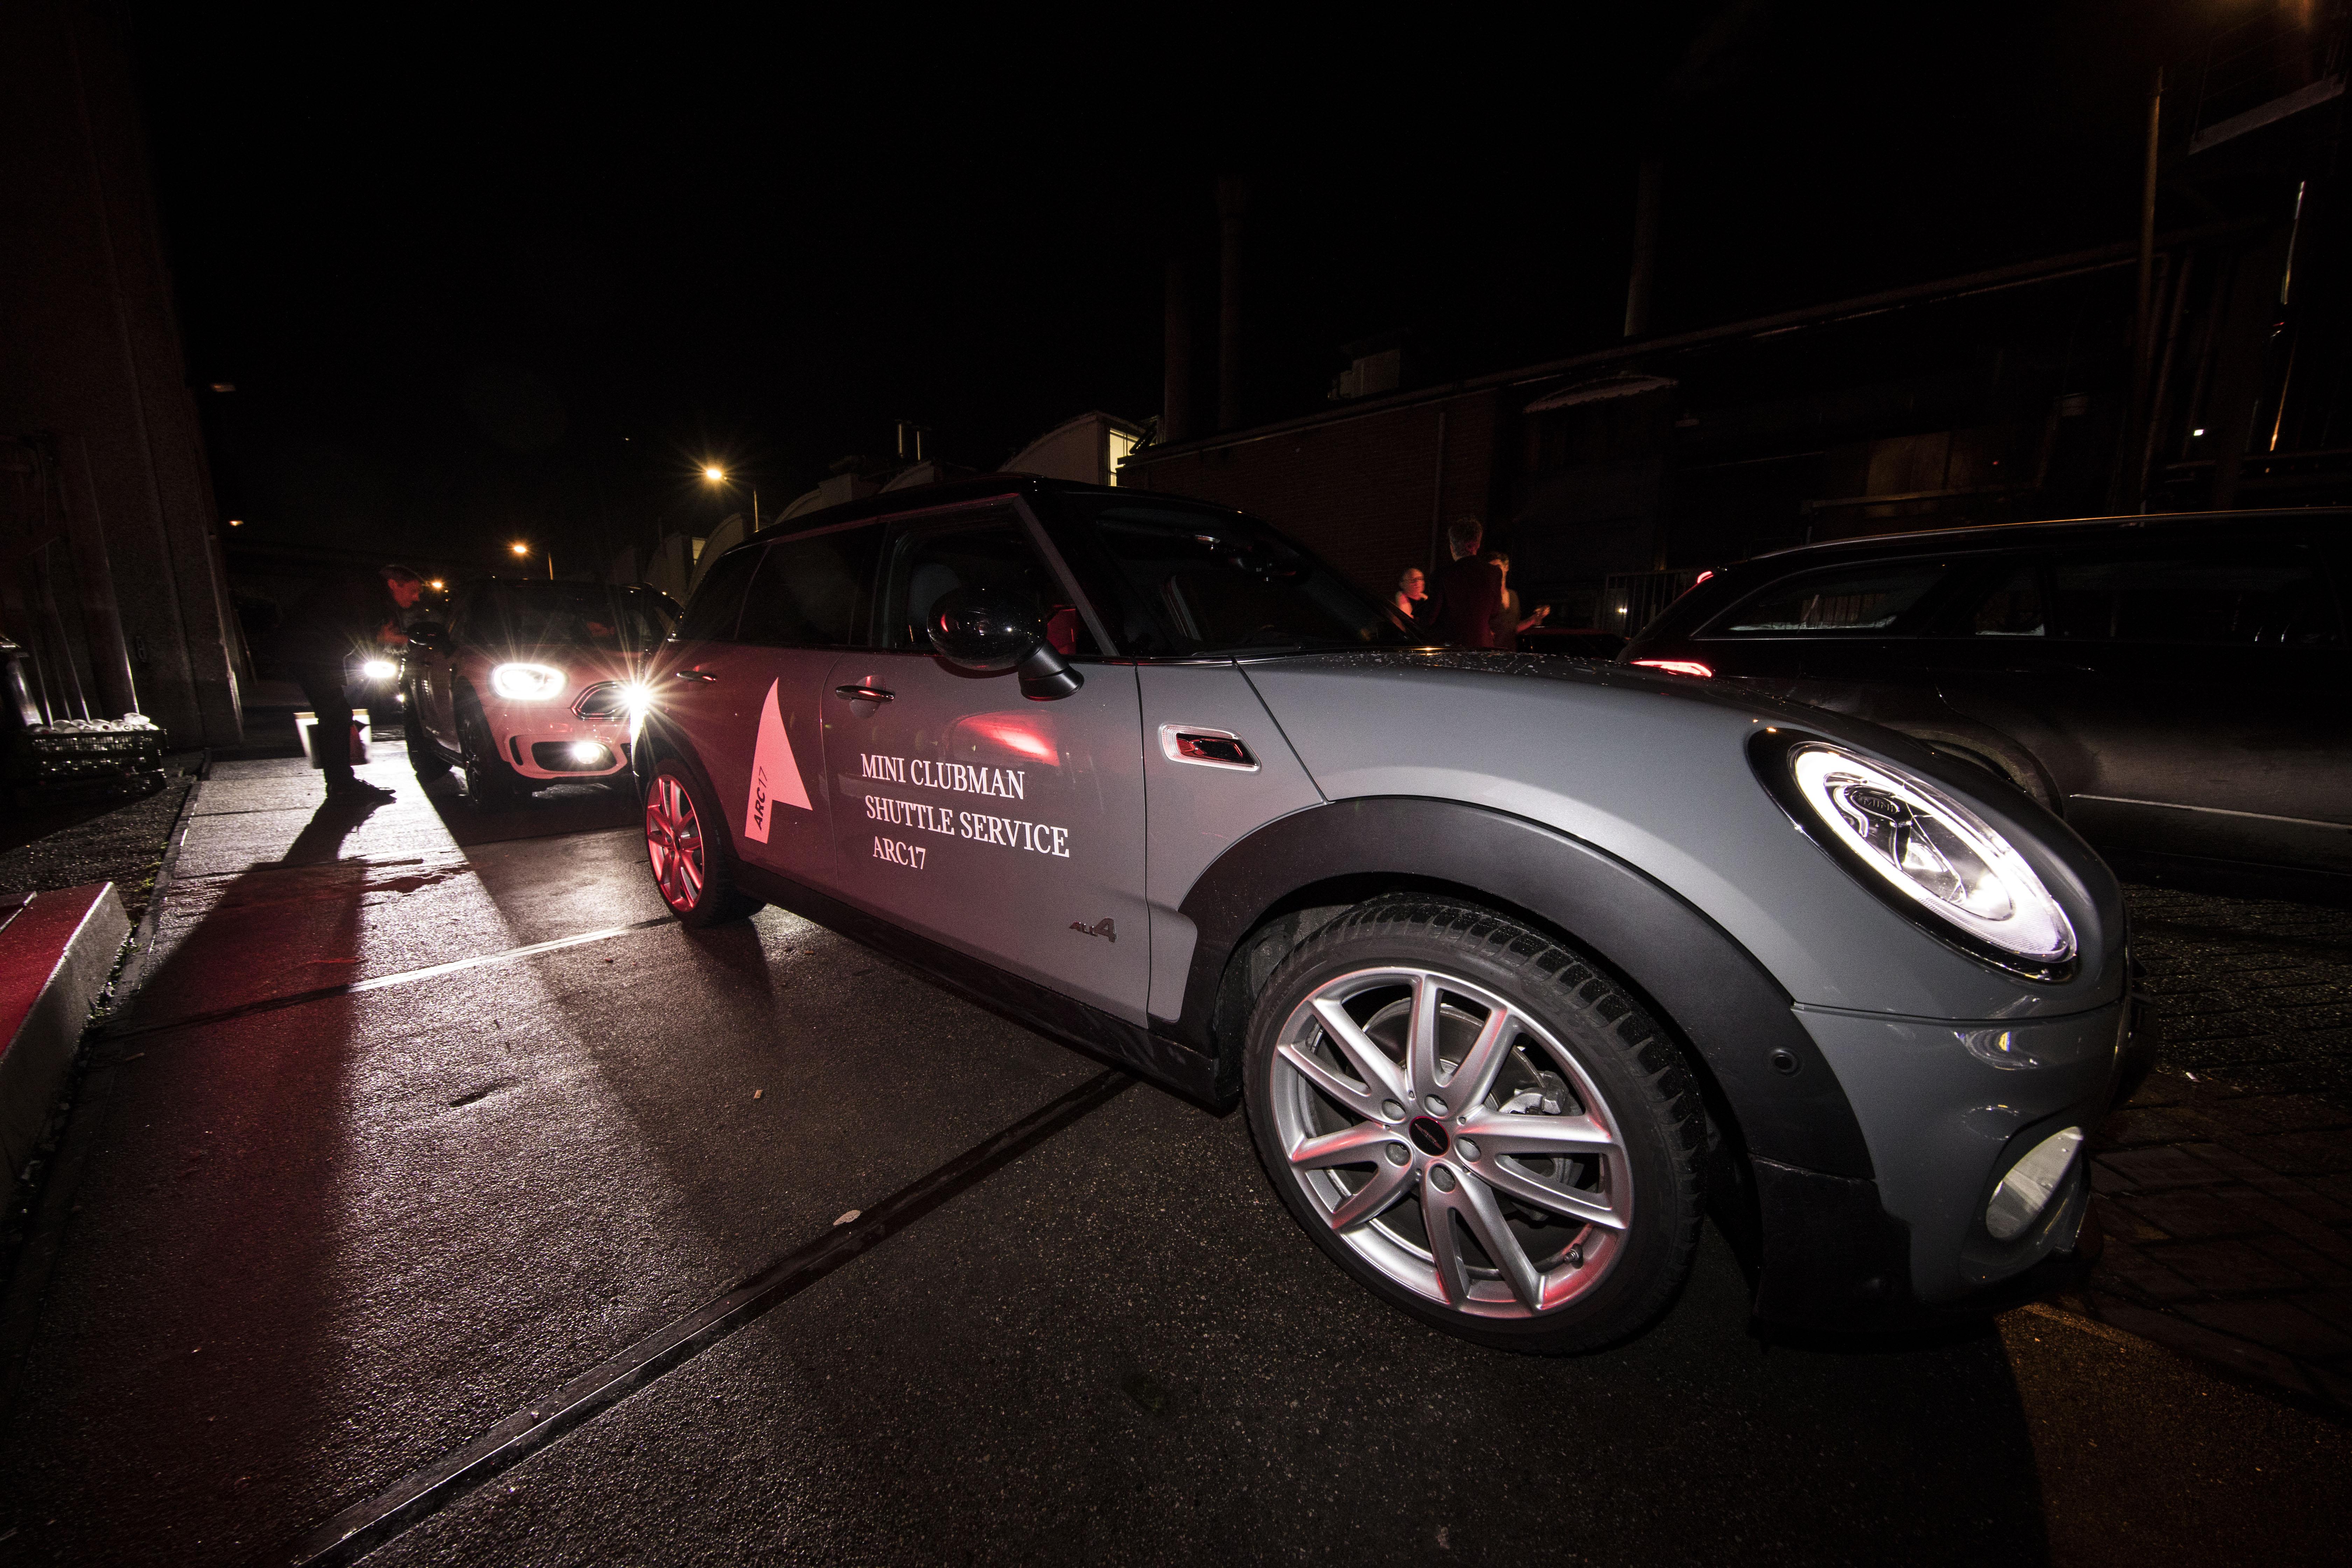 <p>Mini verzorgde het vervoer tussen de locaties op de Kauwgomballenfabriek. Foto: Elvins Fotografie</p>